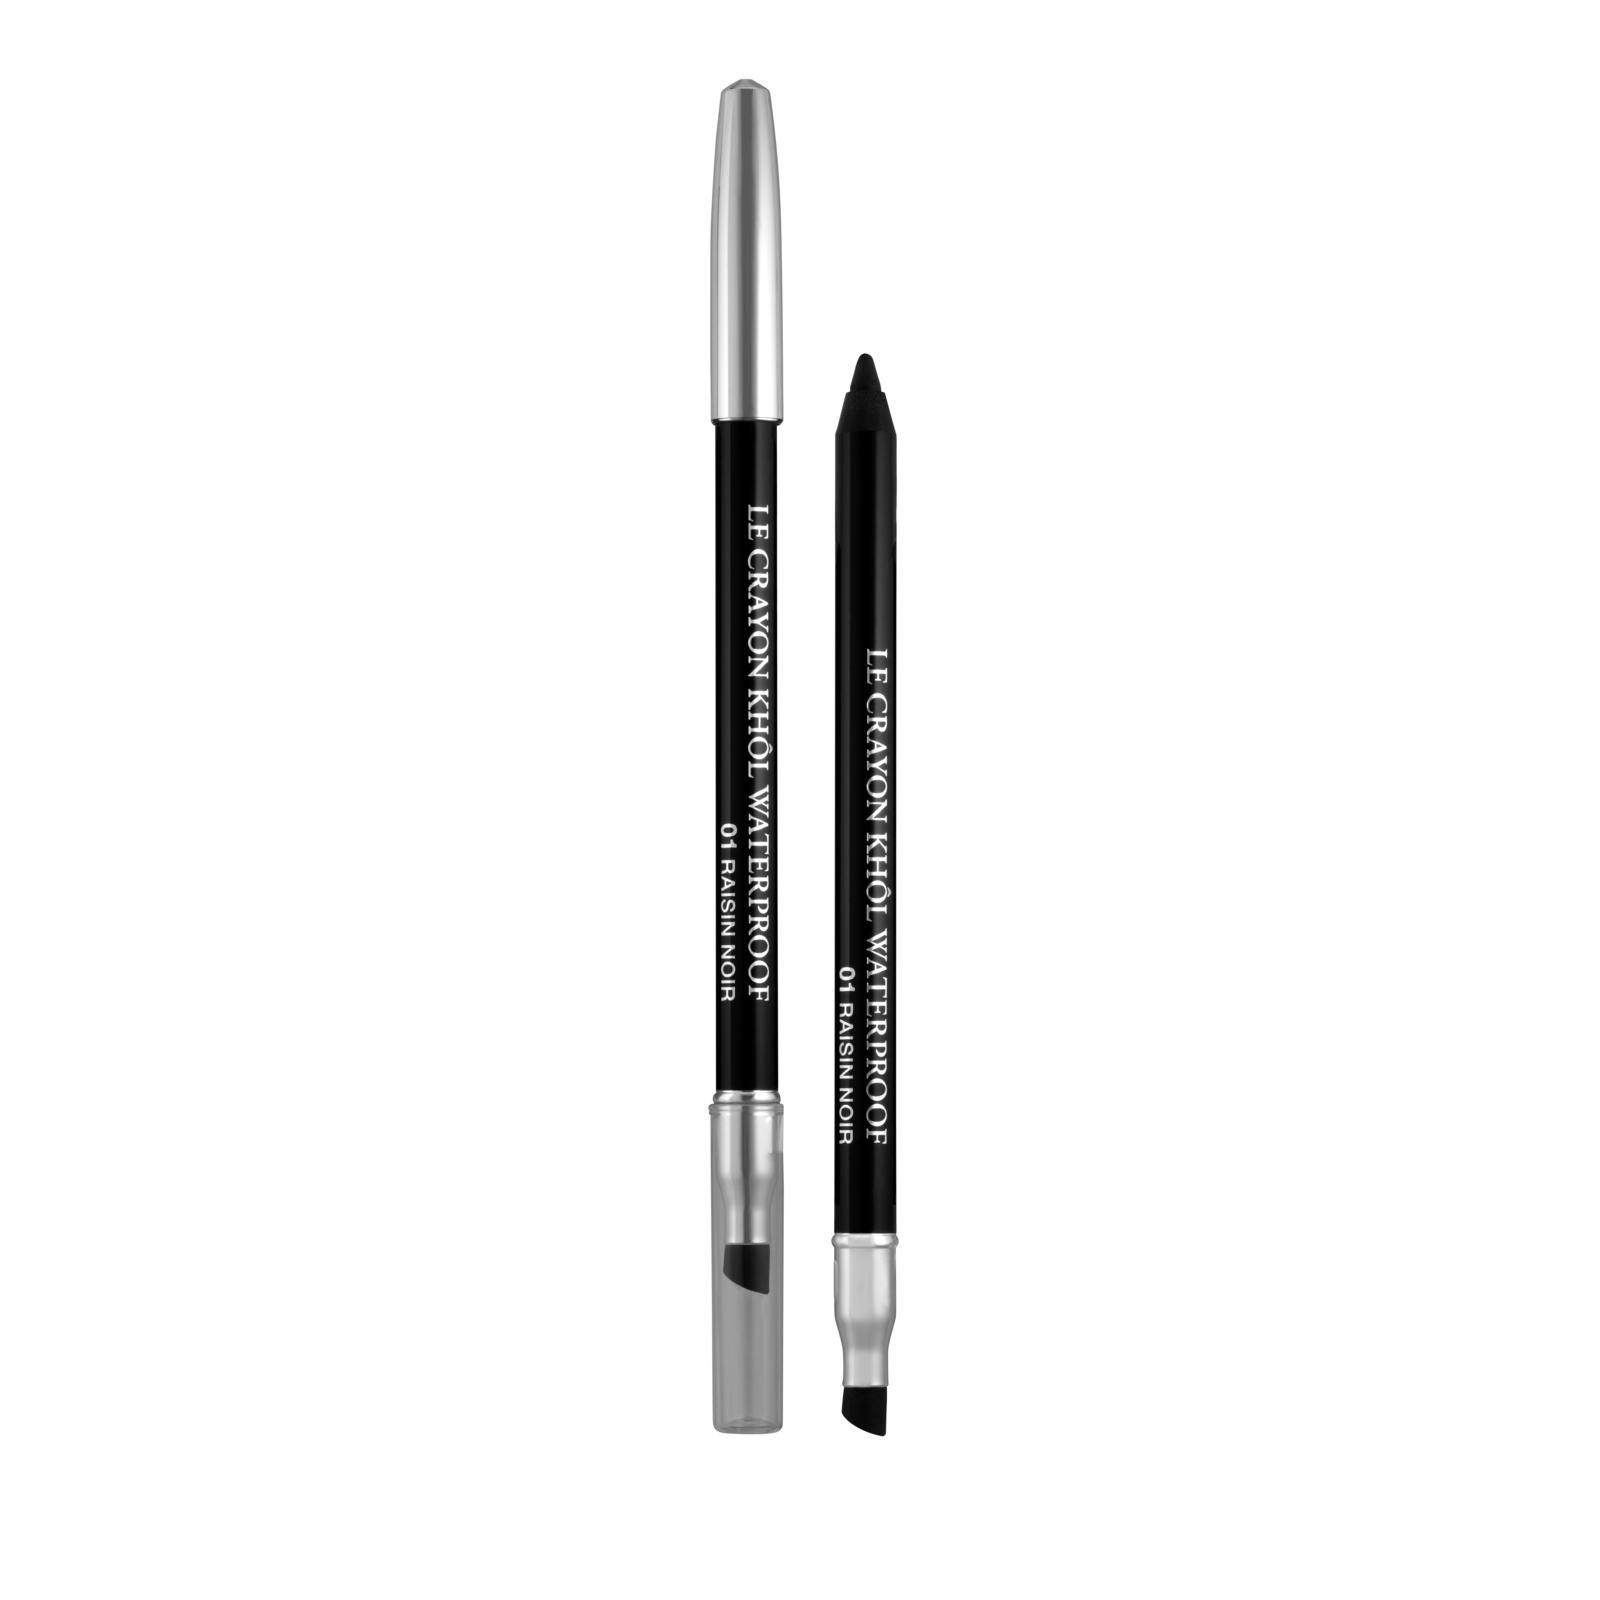 Le Crayon Khôl Waterproof Eyeliner 01 Raisin Noir